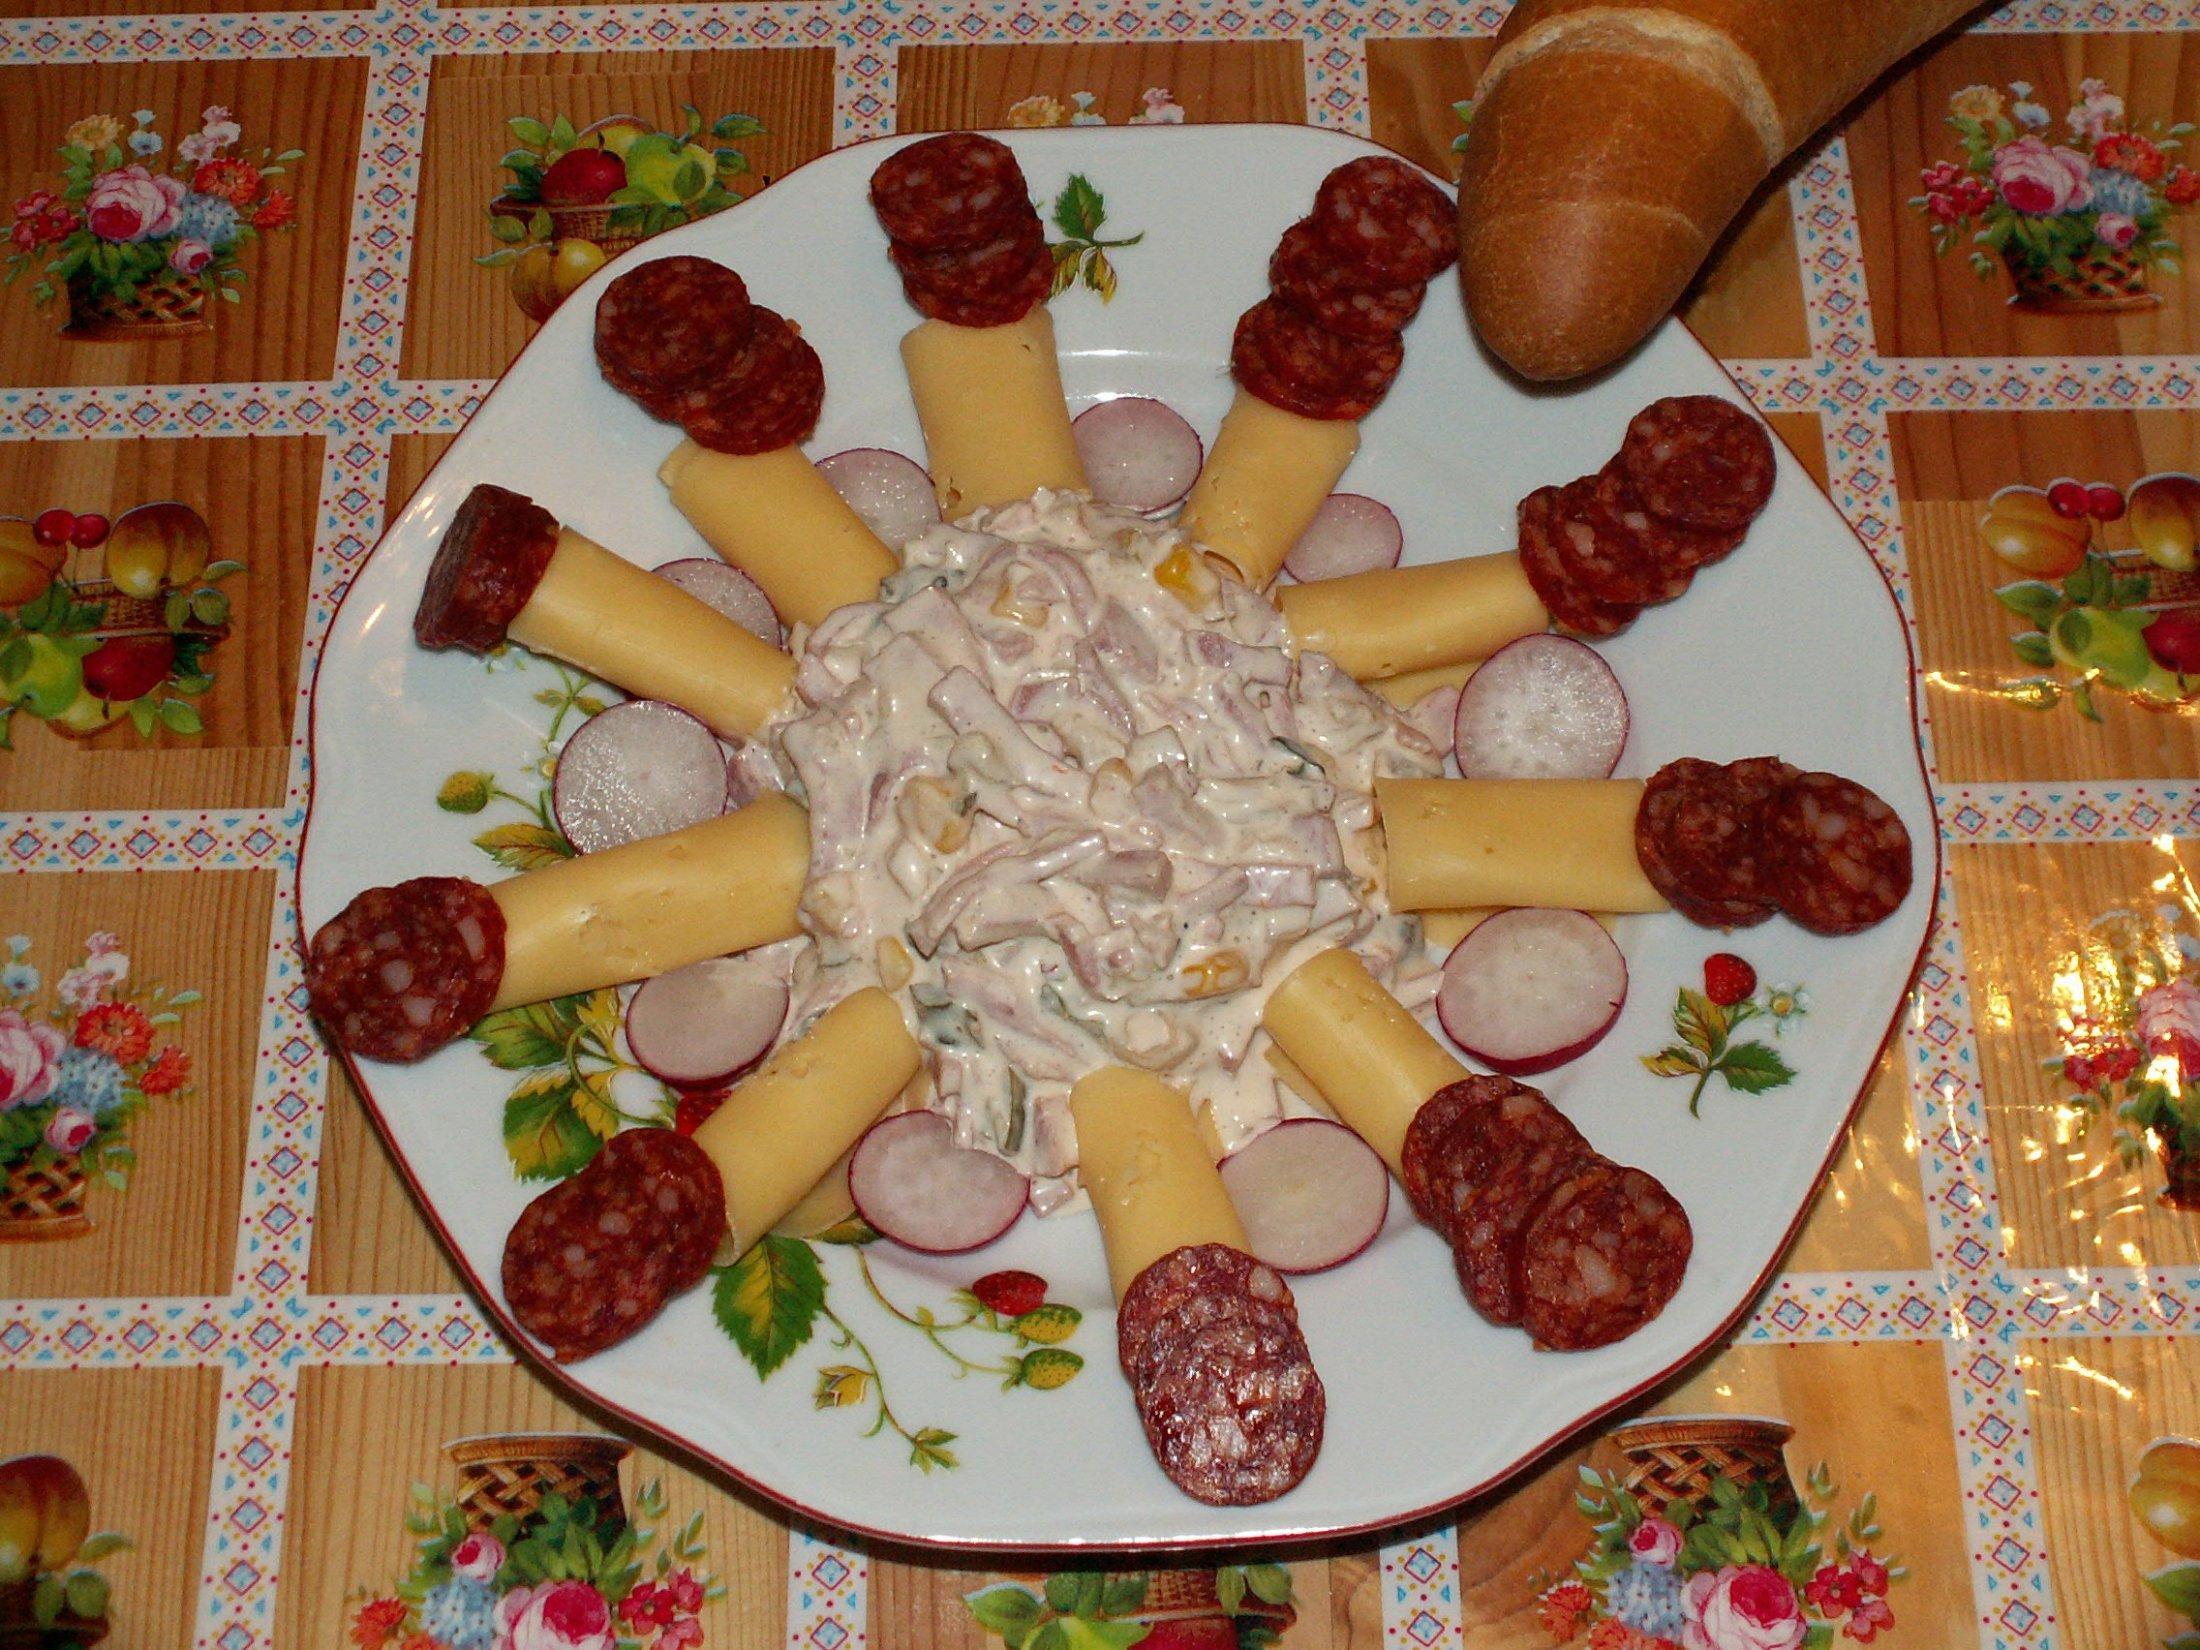 Recept Domácí vlašský salát - Salát s kukuřicí místo hrášku s oblohou a rohlíkem.